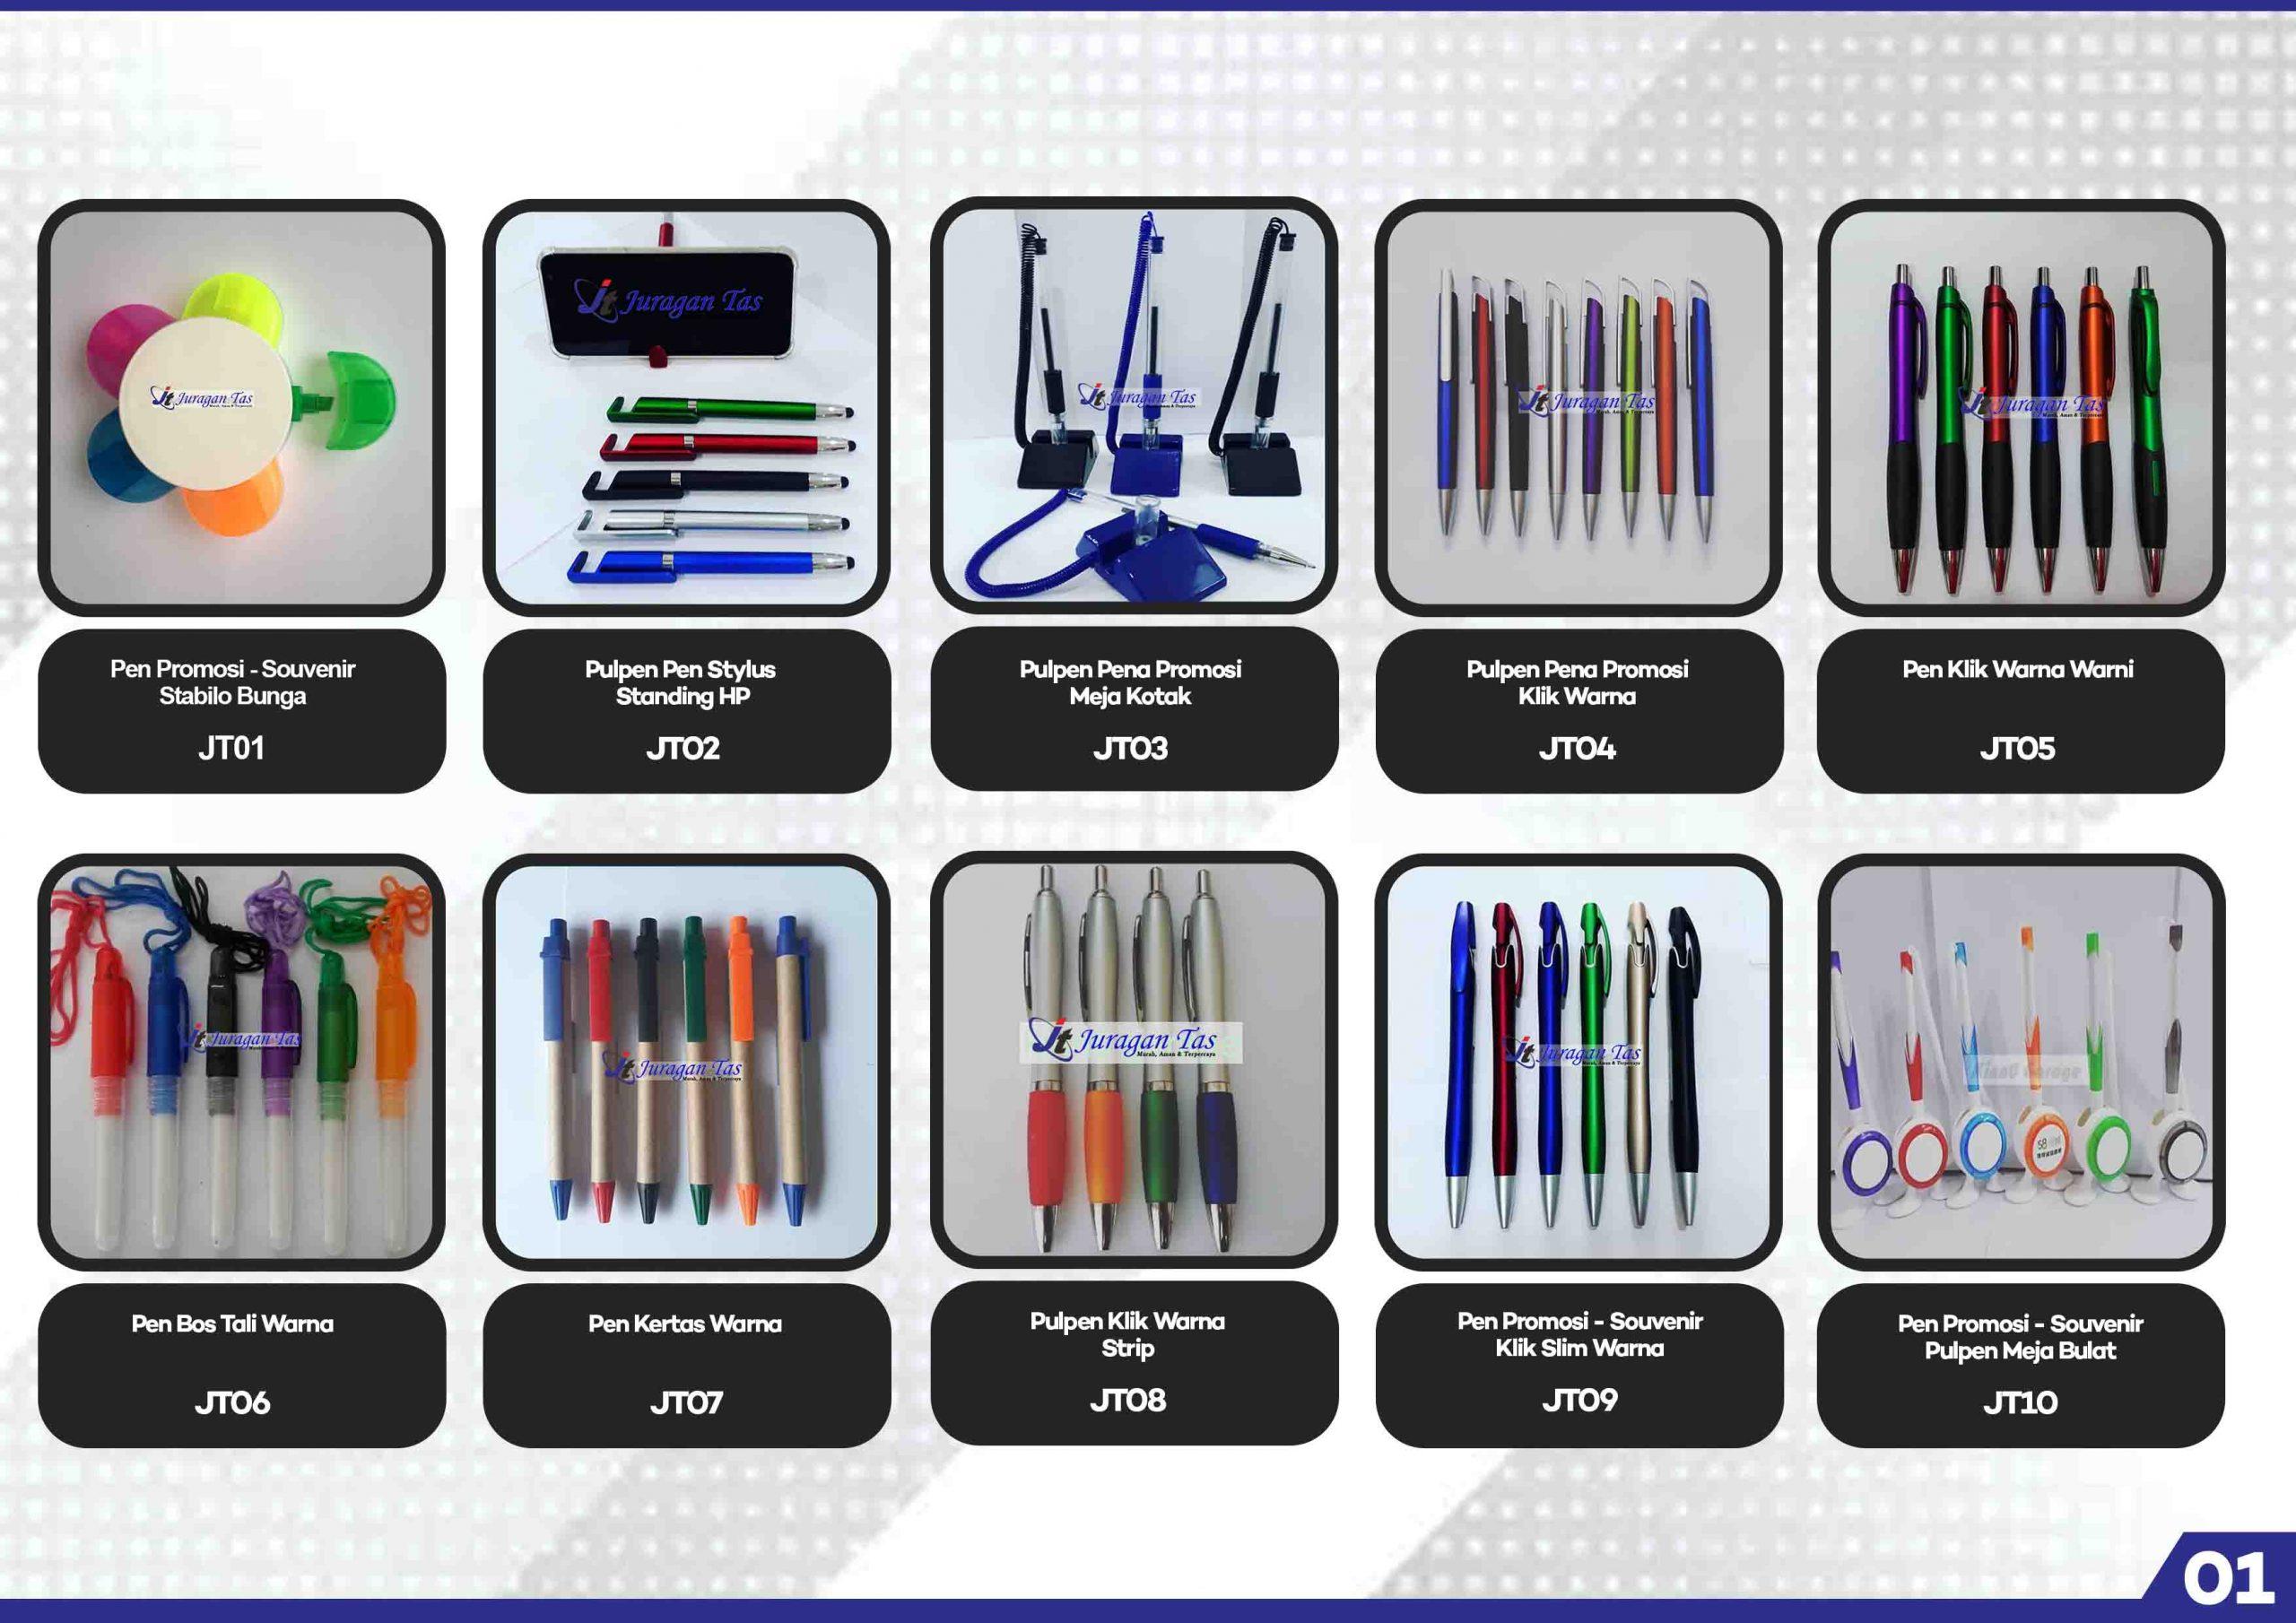 pulpen seminar kit, seminar kit bandung, seminar kit, seminar kit murah